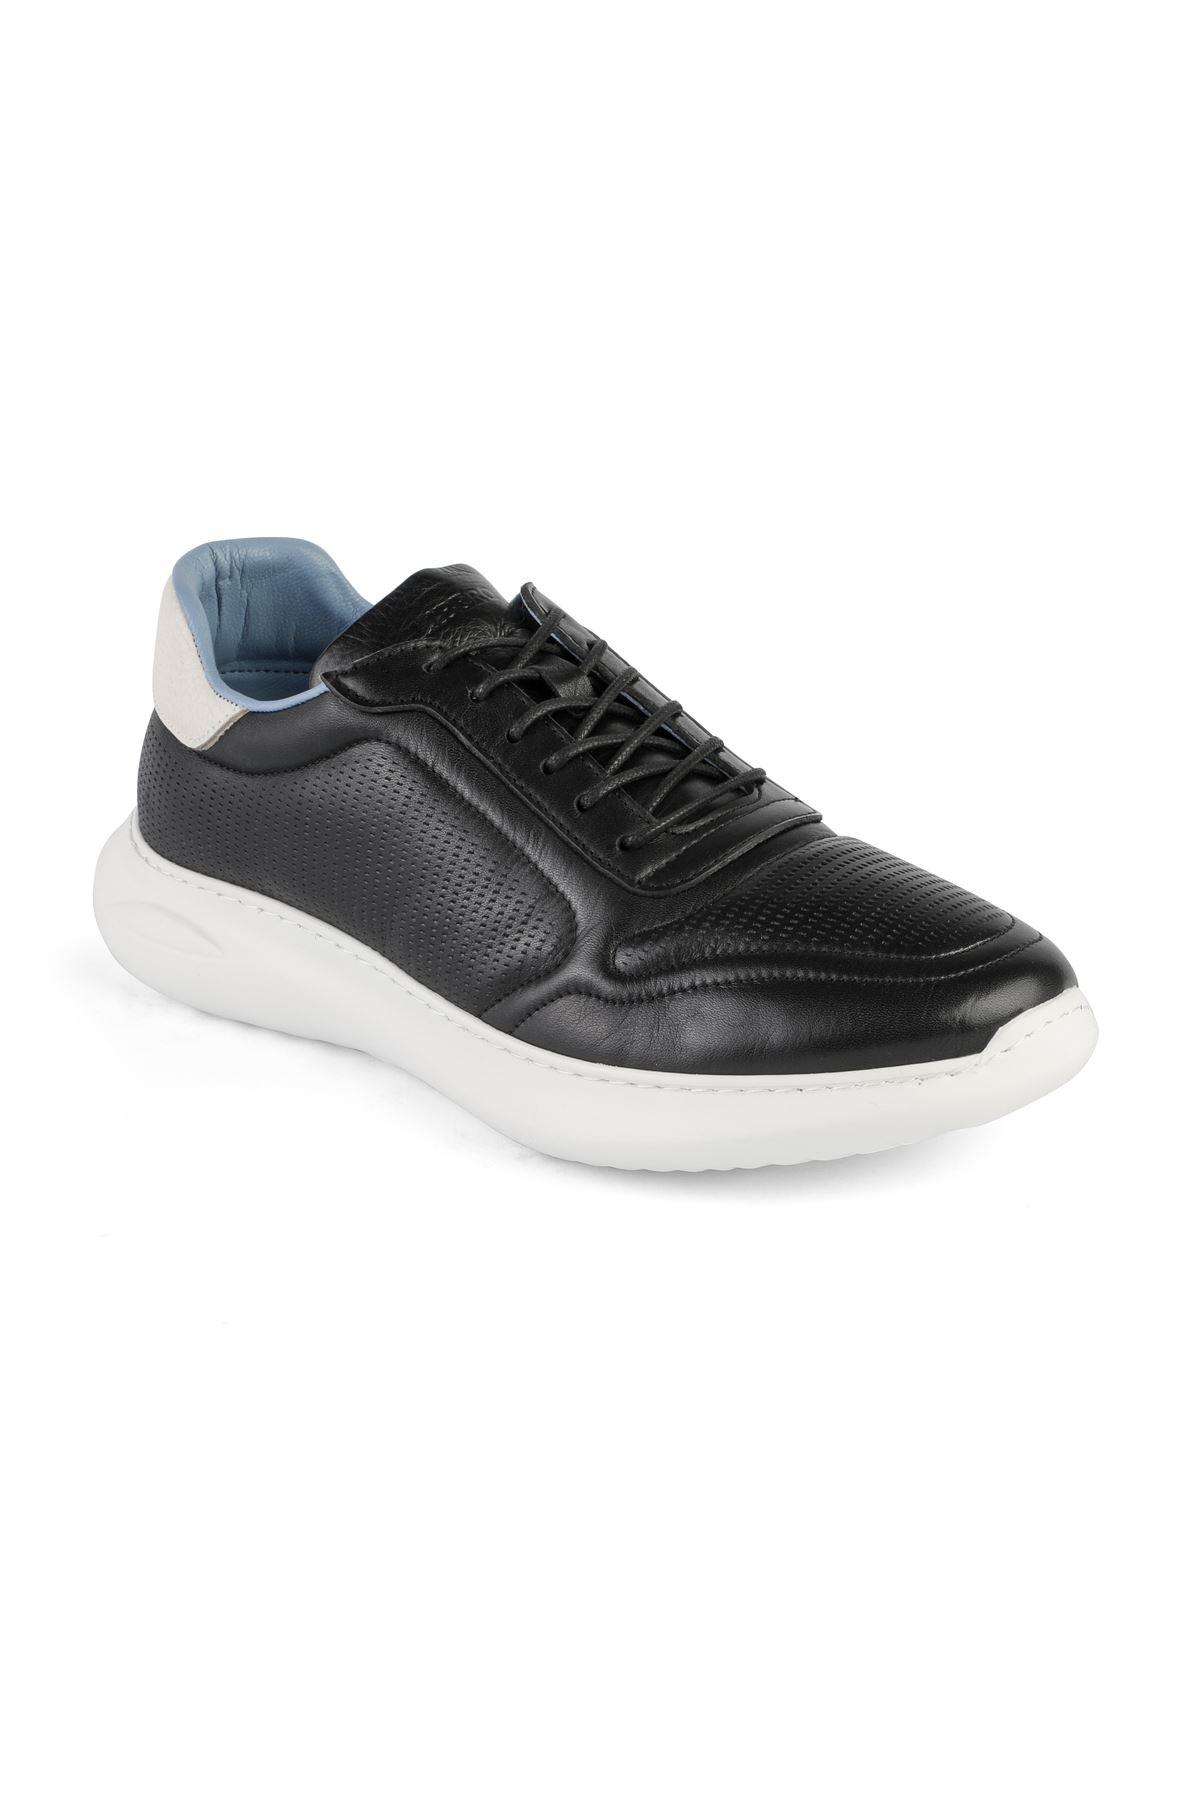 Libero 3401 Siyah Spor Ayakkabı